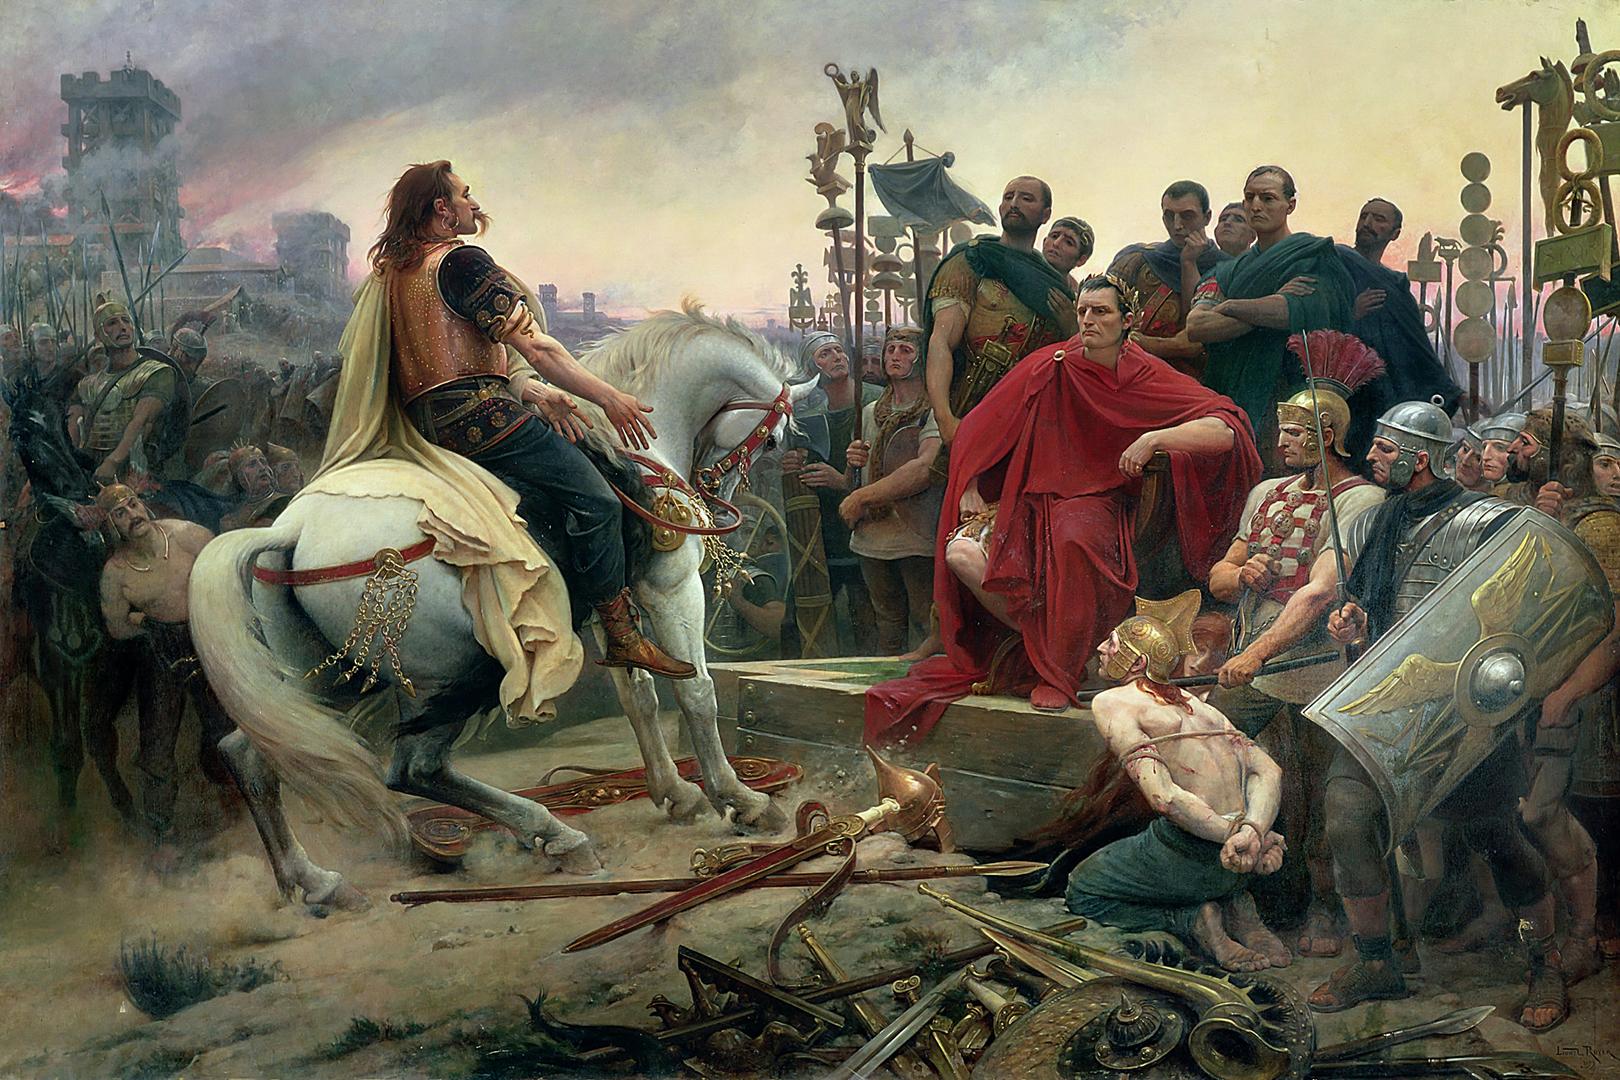 Der Gallische Anführer Vercingetorix wirft seine Waffen vor Julius Caesar nieder. Historiengemälde von Lionel Royer, 1899.